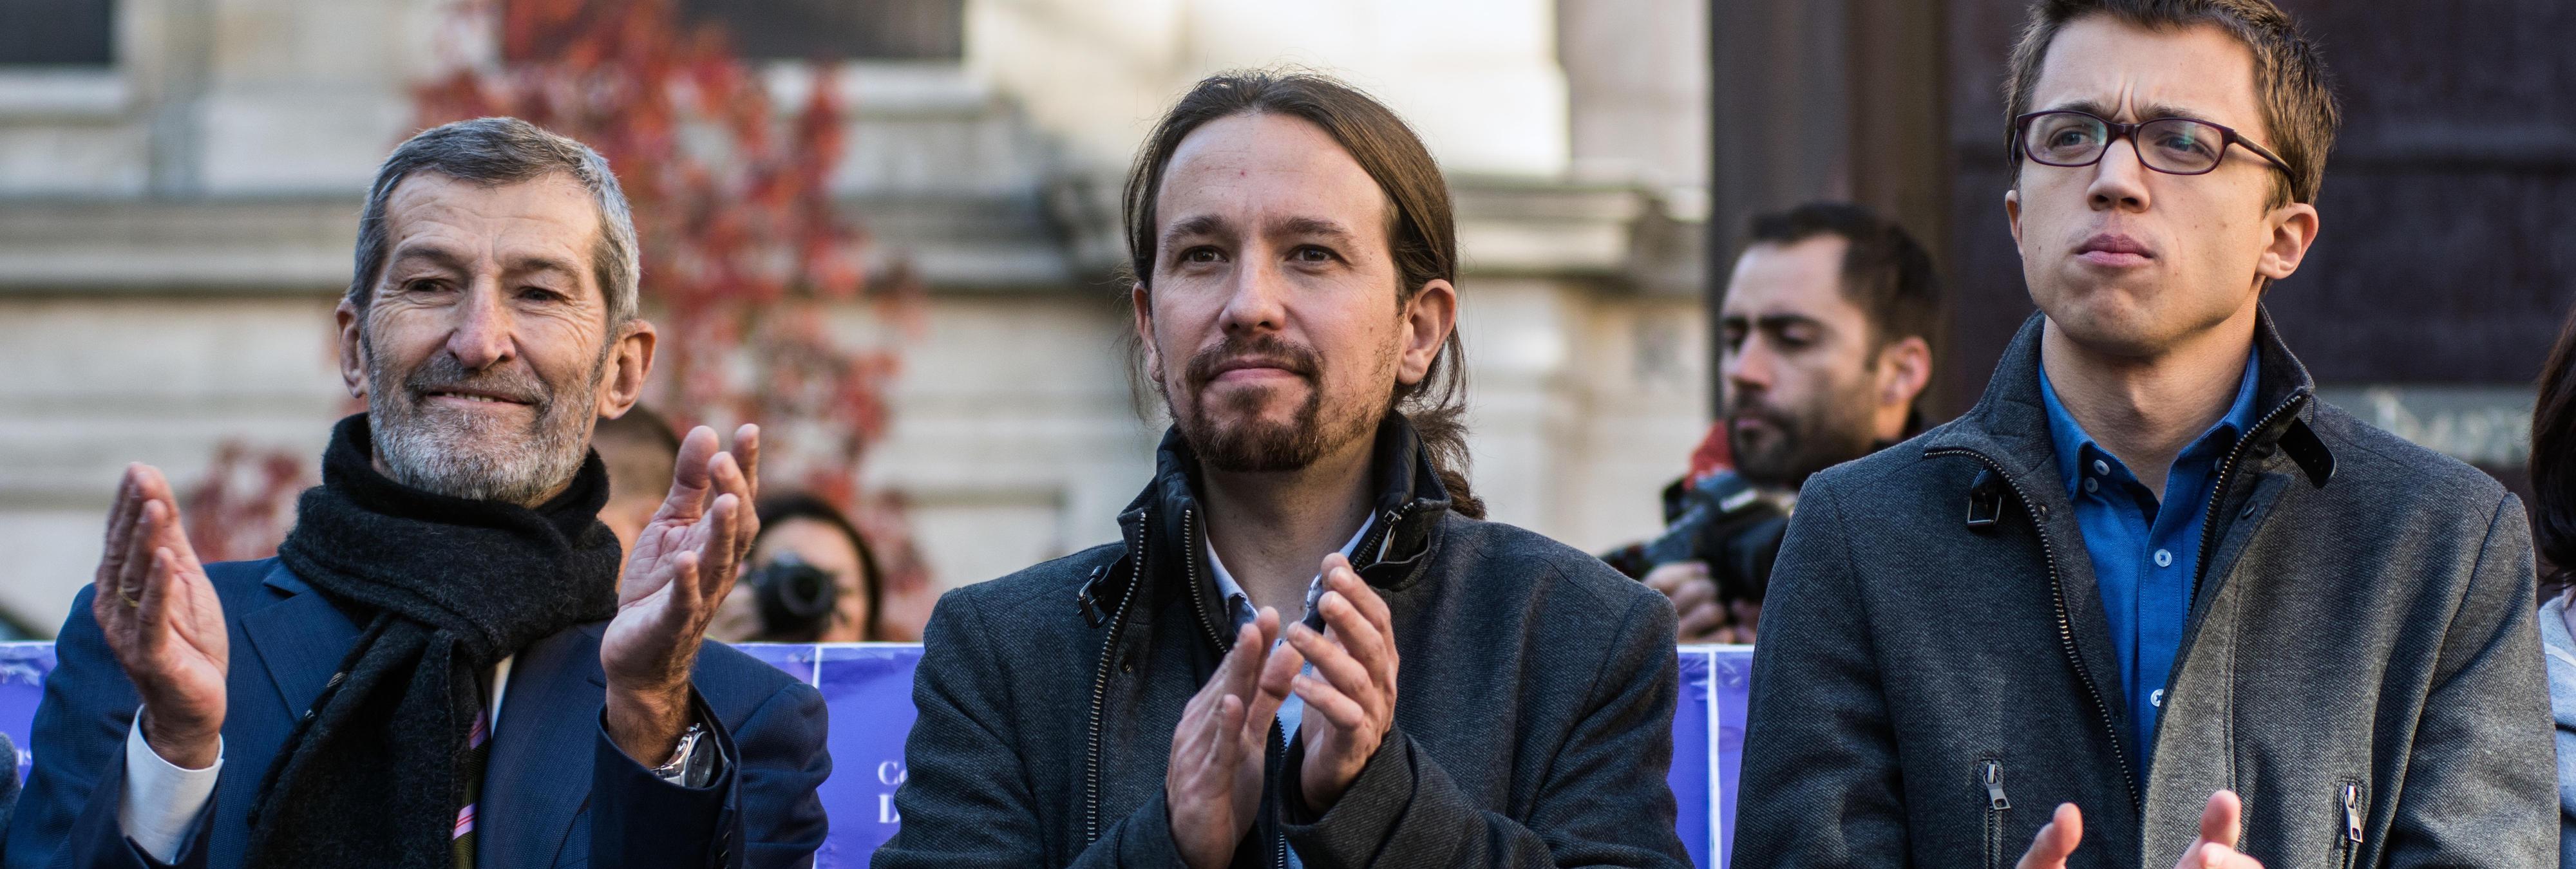 El PP busca el voto hipster y motero, y Podemos, el friki